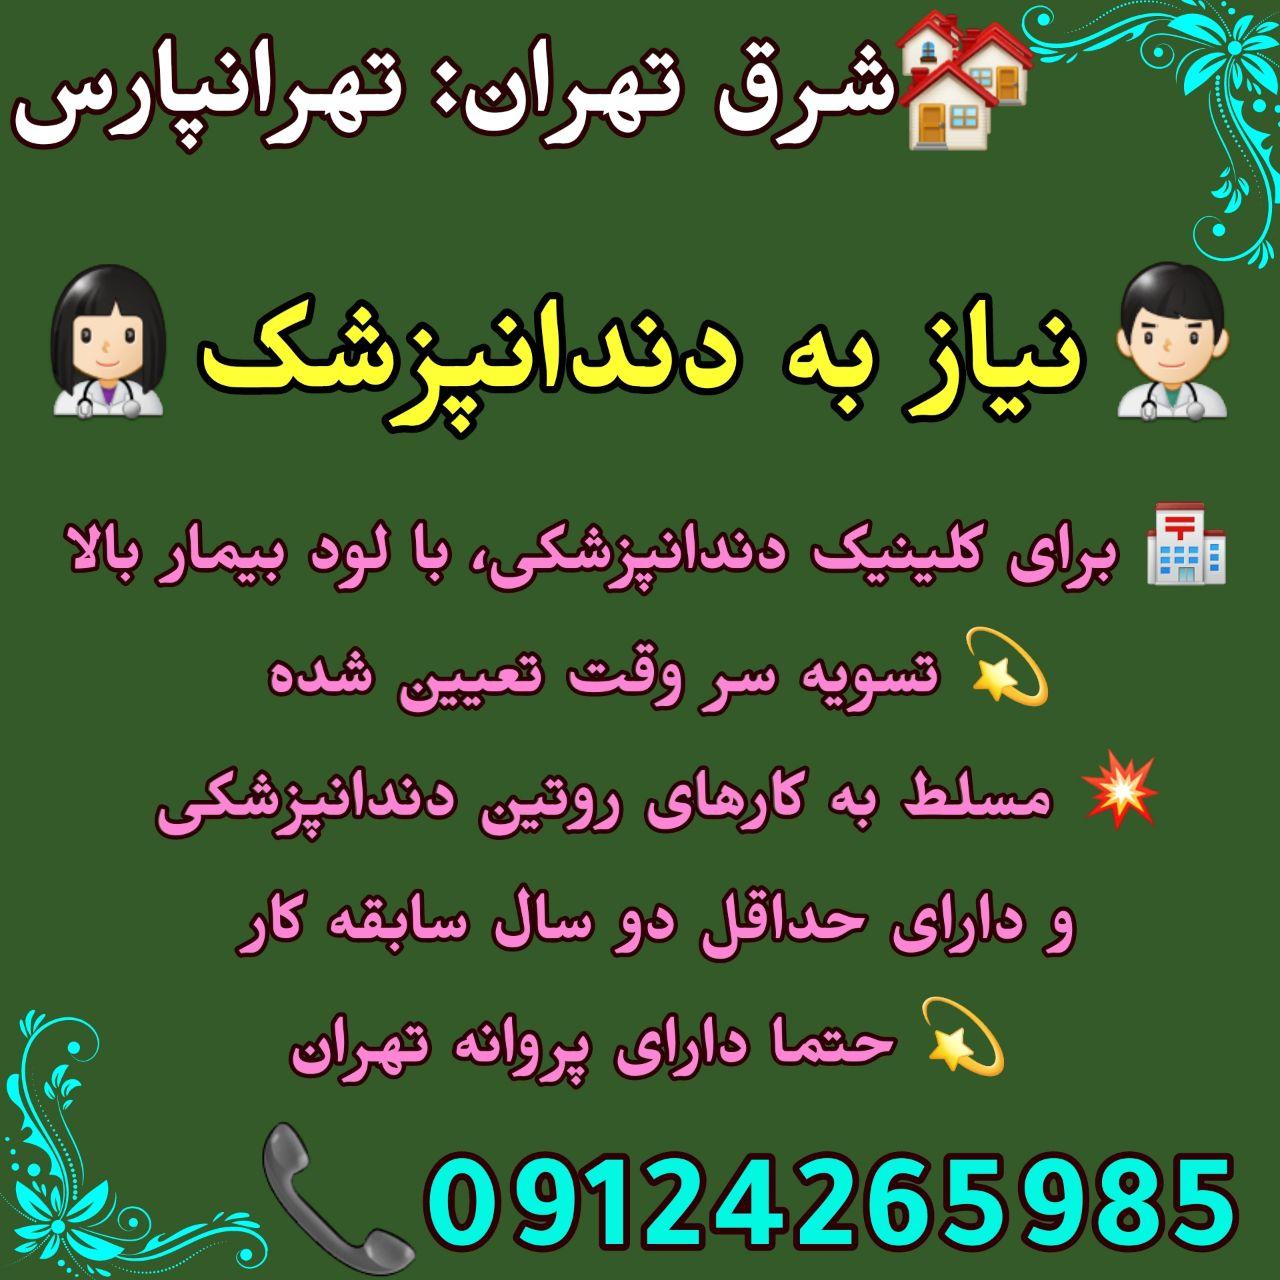 شرق تهران: تهرانپارس